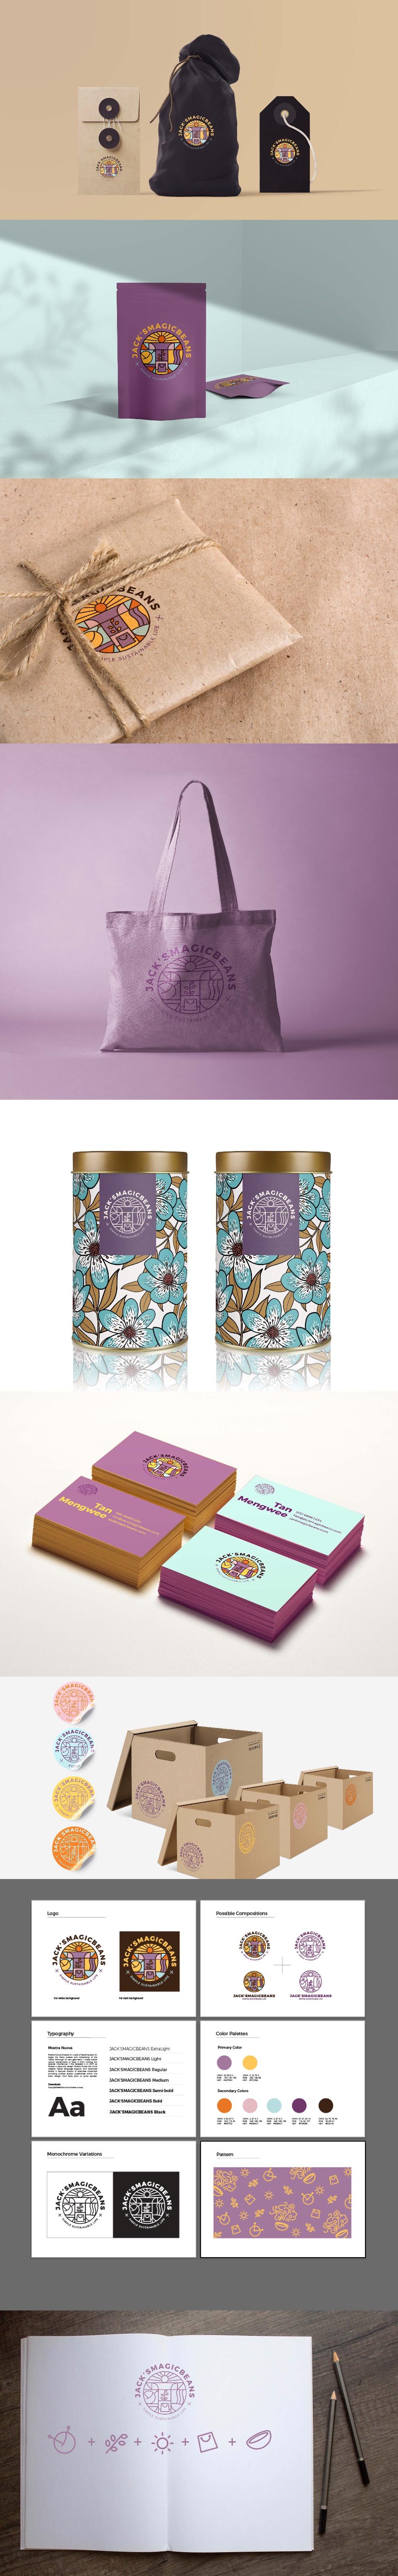 Branding design for Jack's Magic Beans